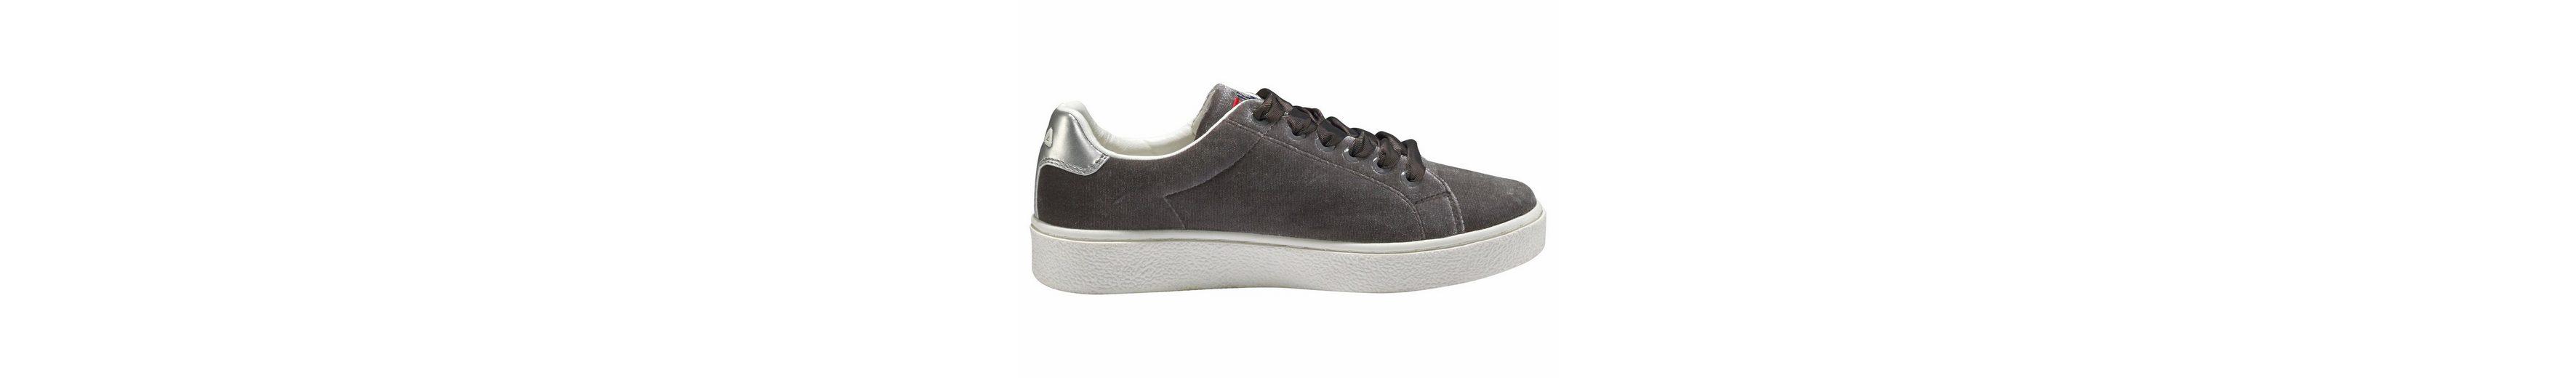 Fila Upstage Velvet Low Wmn Sneaker Günstig Für Schön Billig 2018 Rabatt Billig Eastbay Online SozwfRBIUe